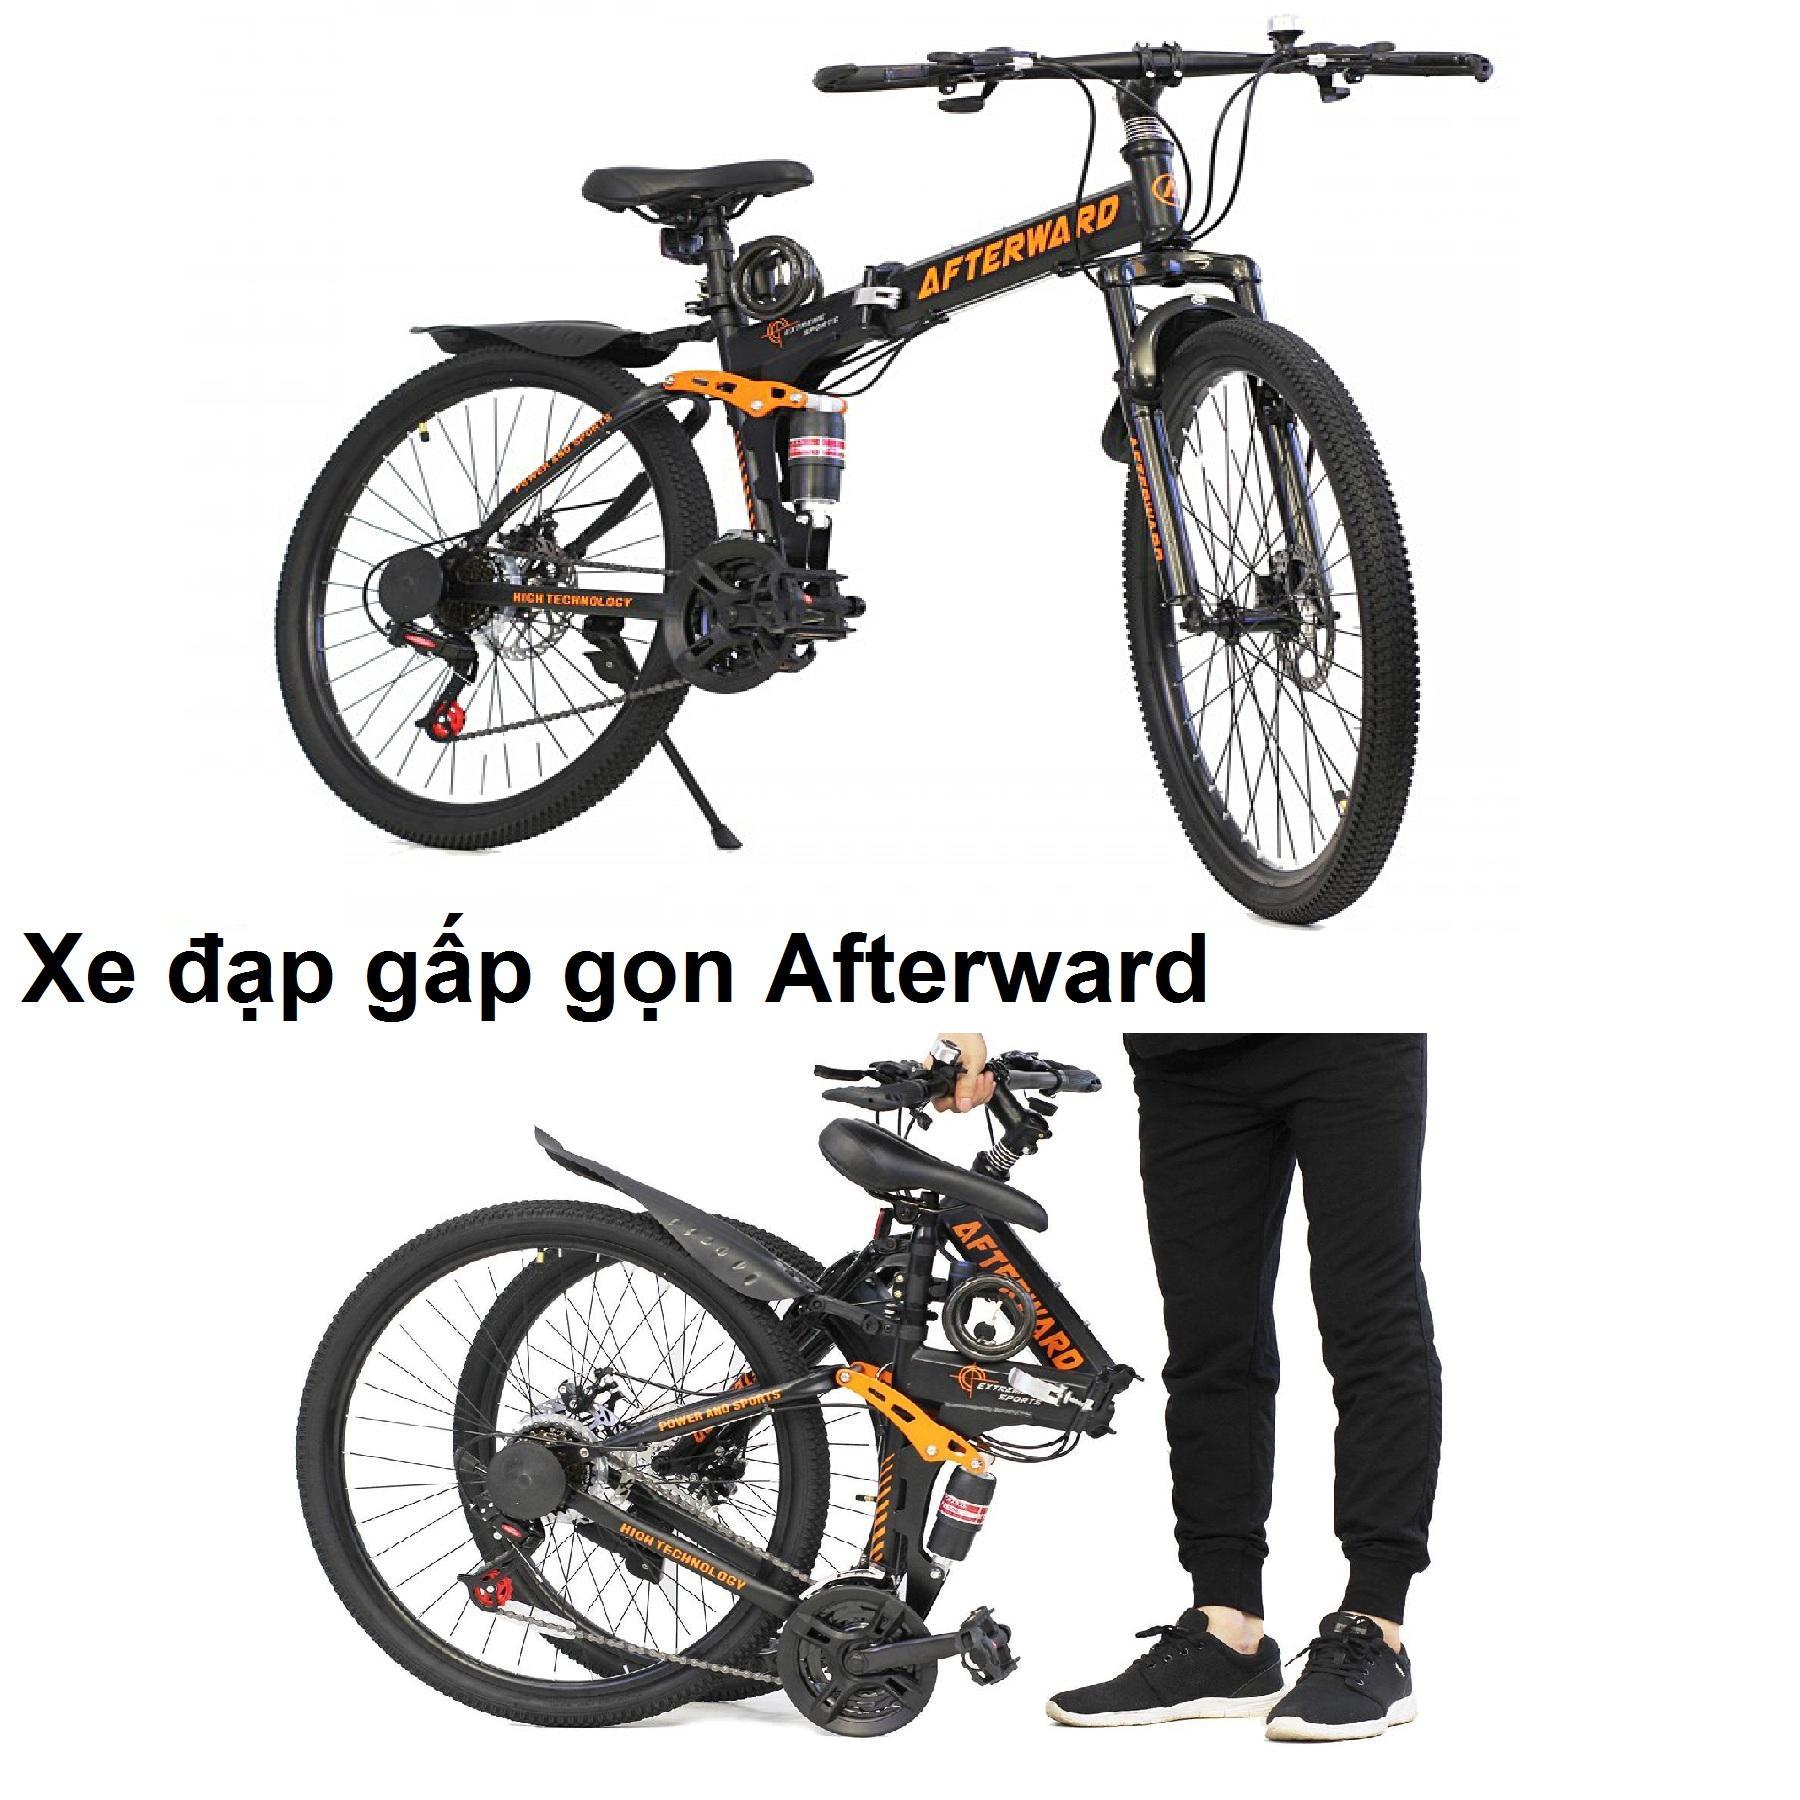 Mua Xe đạp địa hình gấp gọn Afterward + bơm và khóa chống trộm